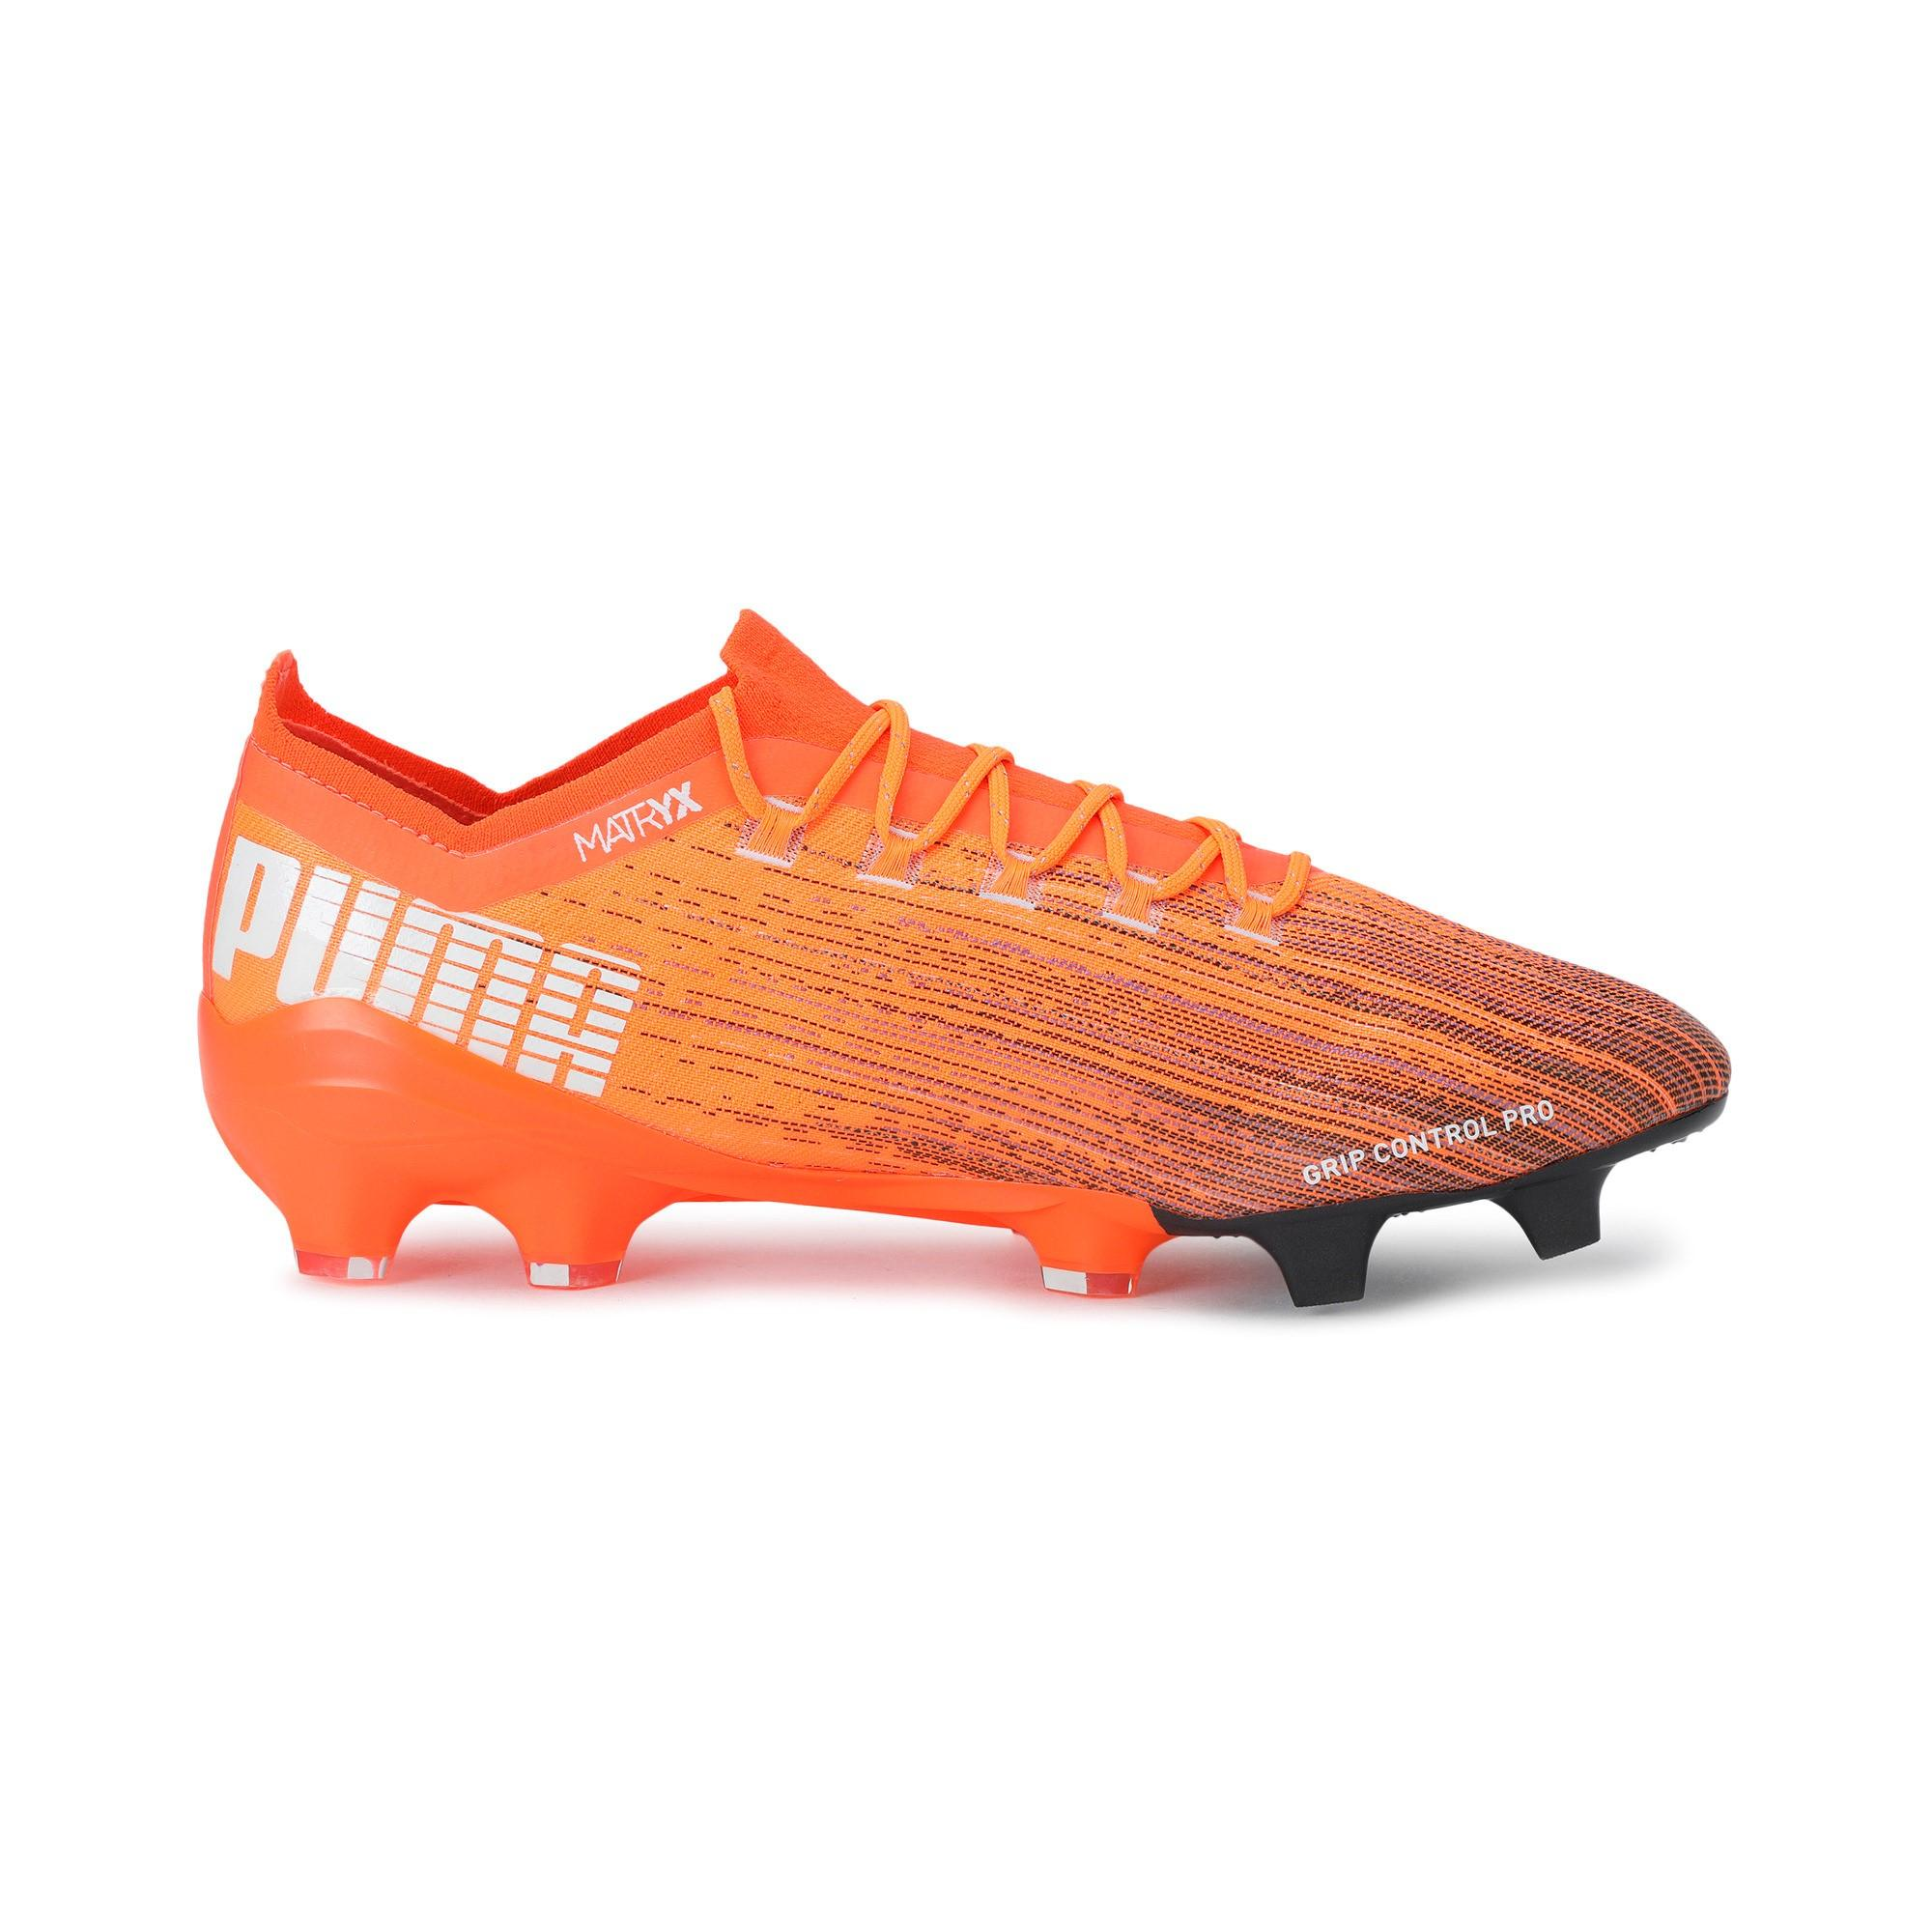 Puma Scarpe Calcio Ultra 1.1 Fg/ag